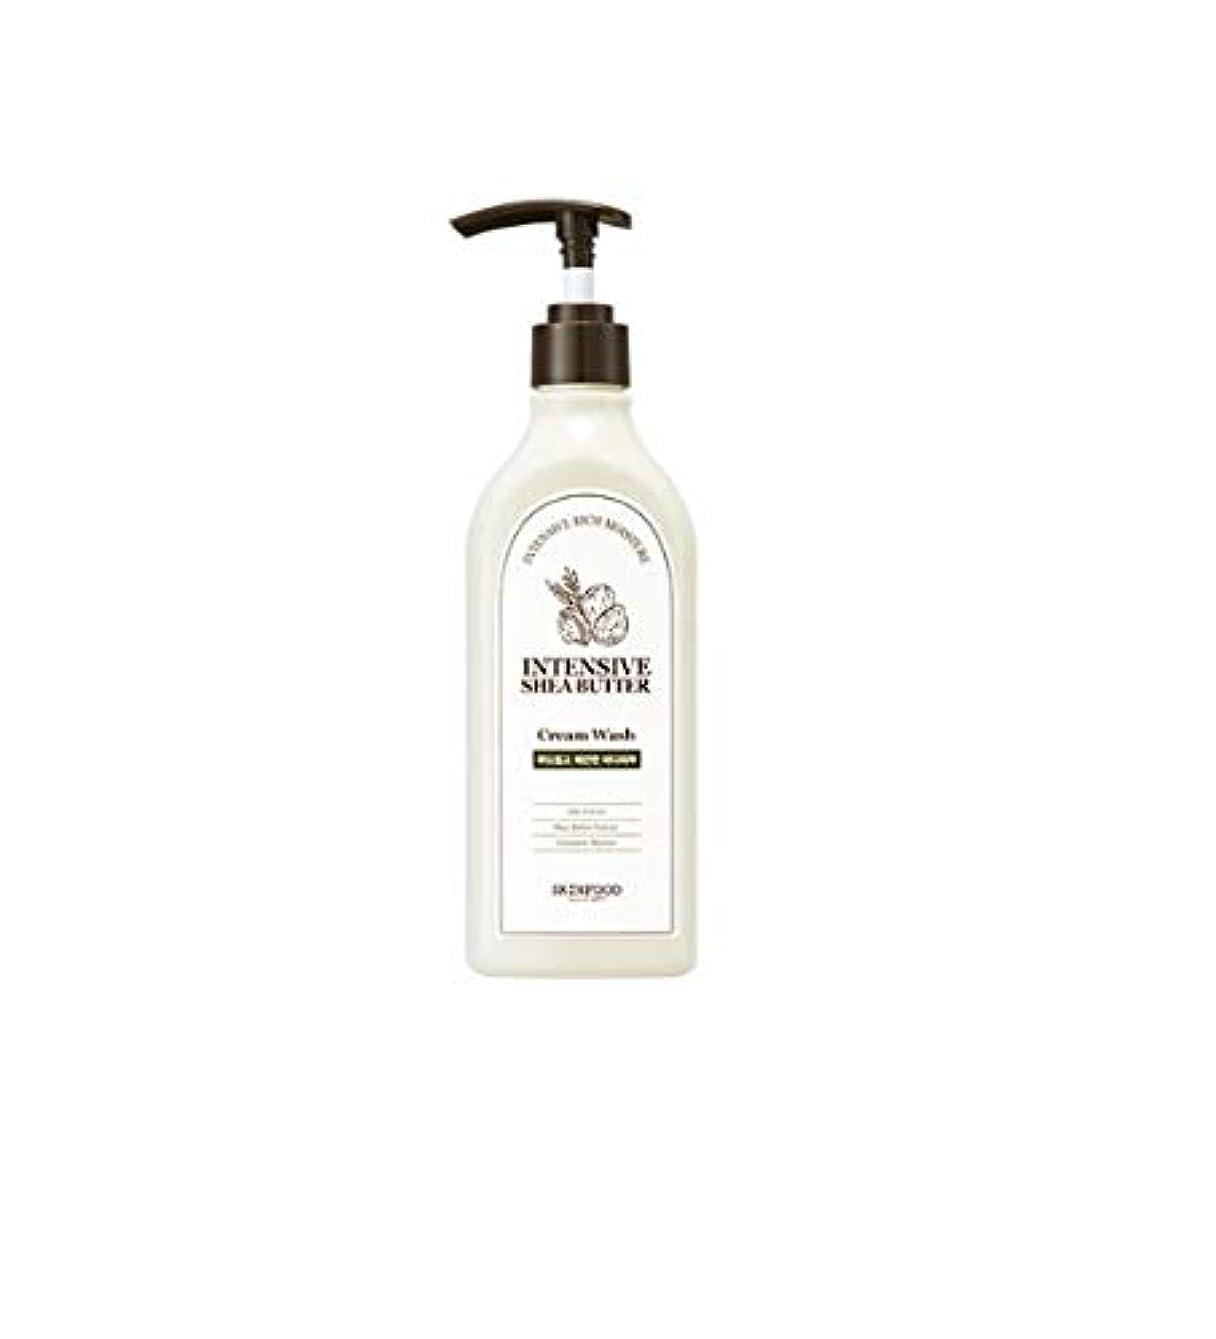 アトラスアクセシブル確執Skinfood 集中シアバタークリームウォッシュ/Intensive Shea Butter Cream Wash 335ml [並行輸入品]